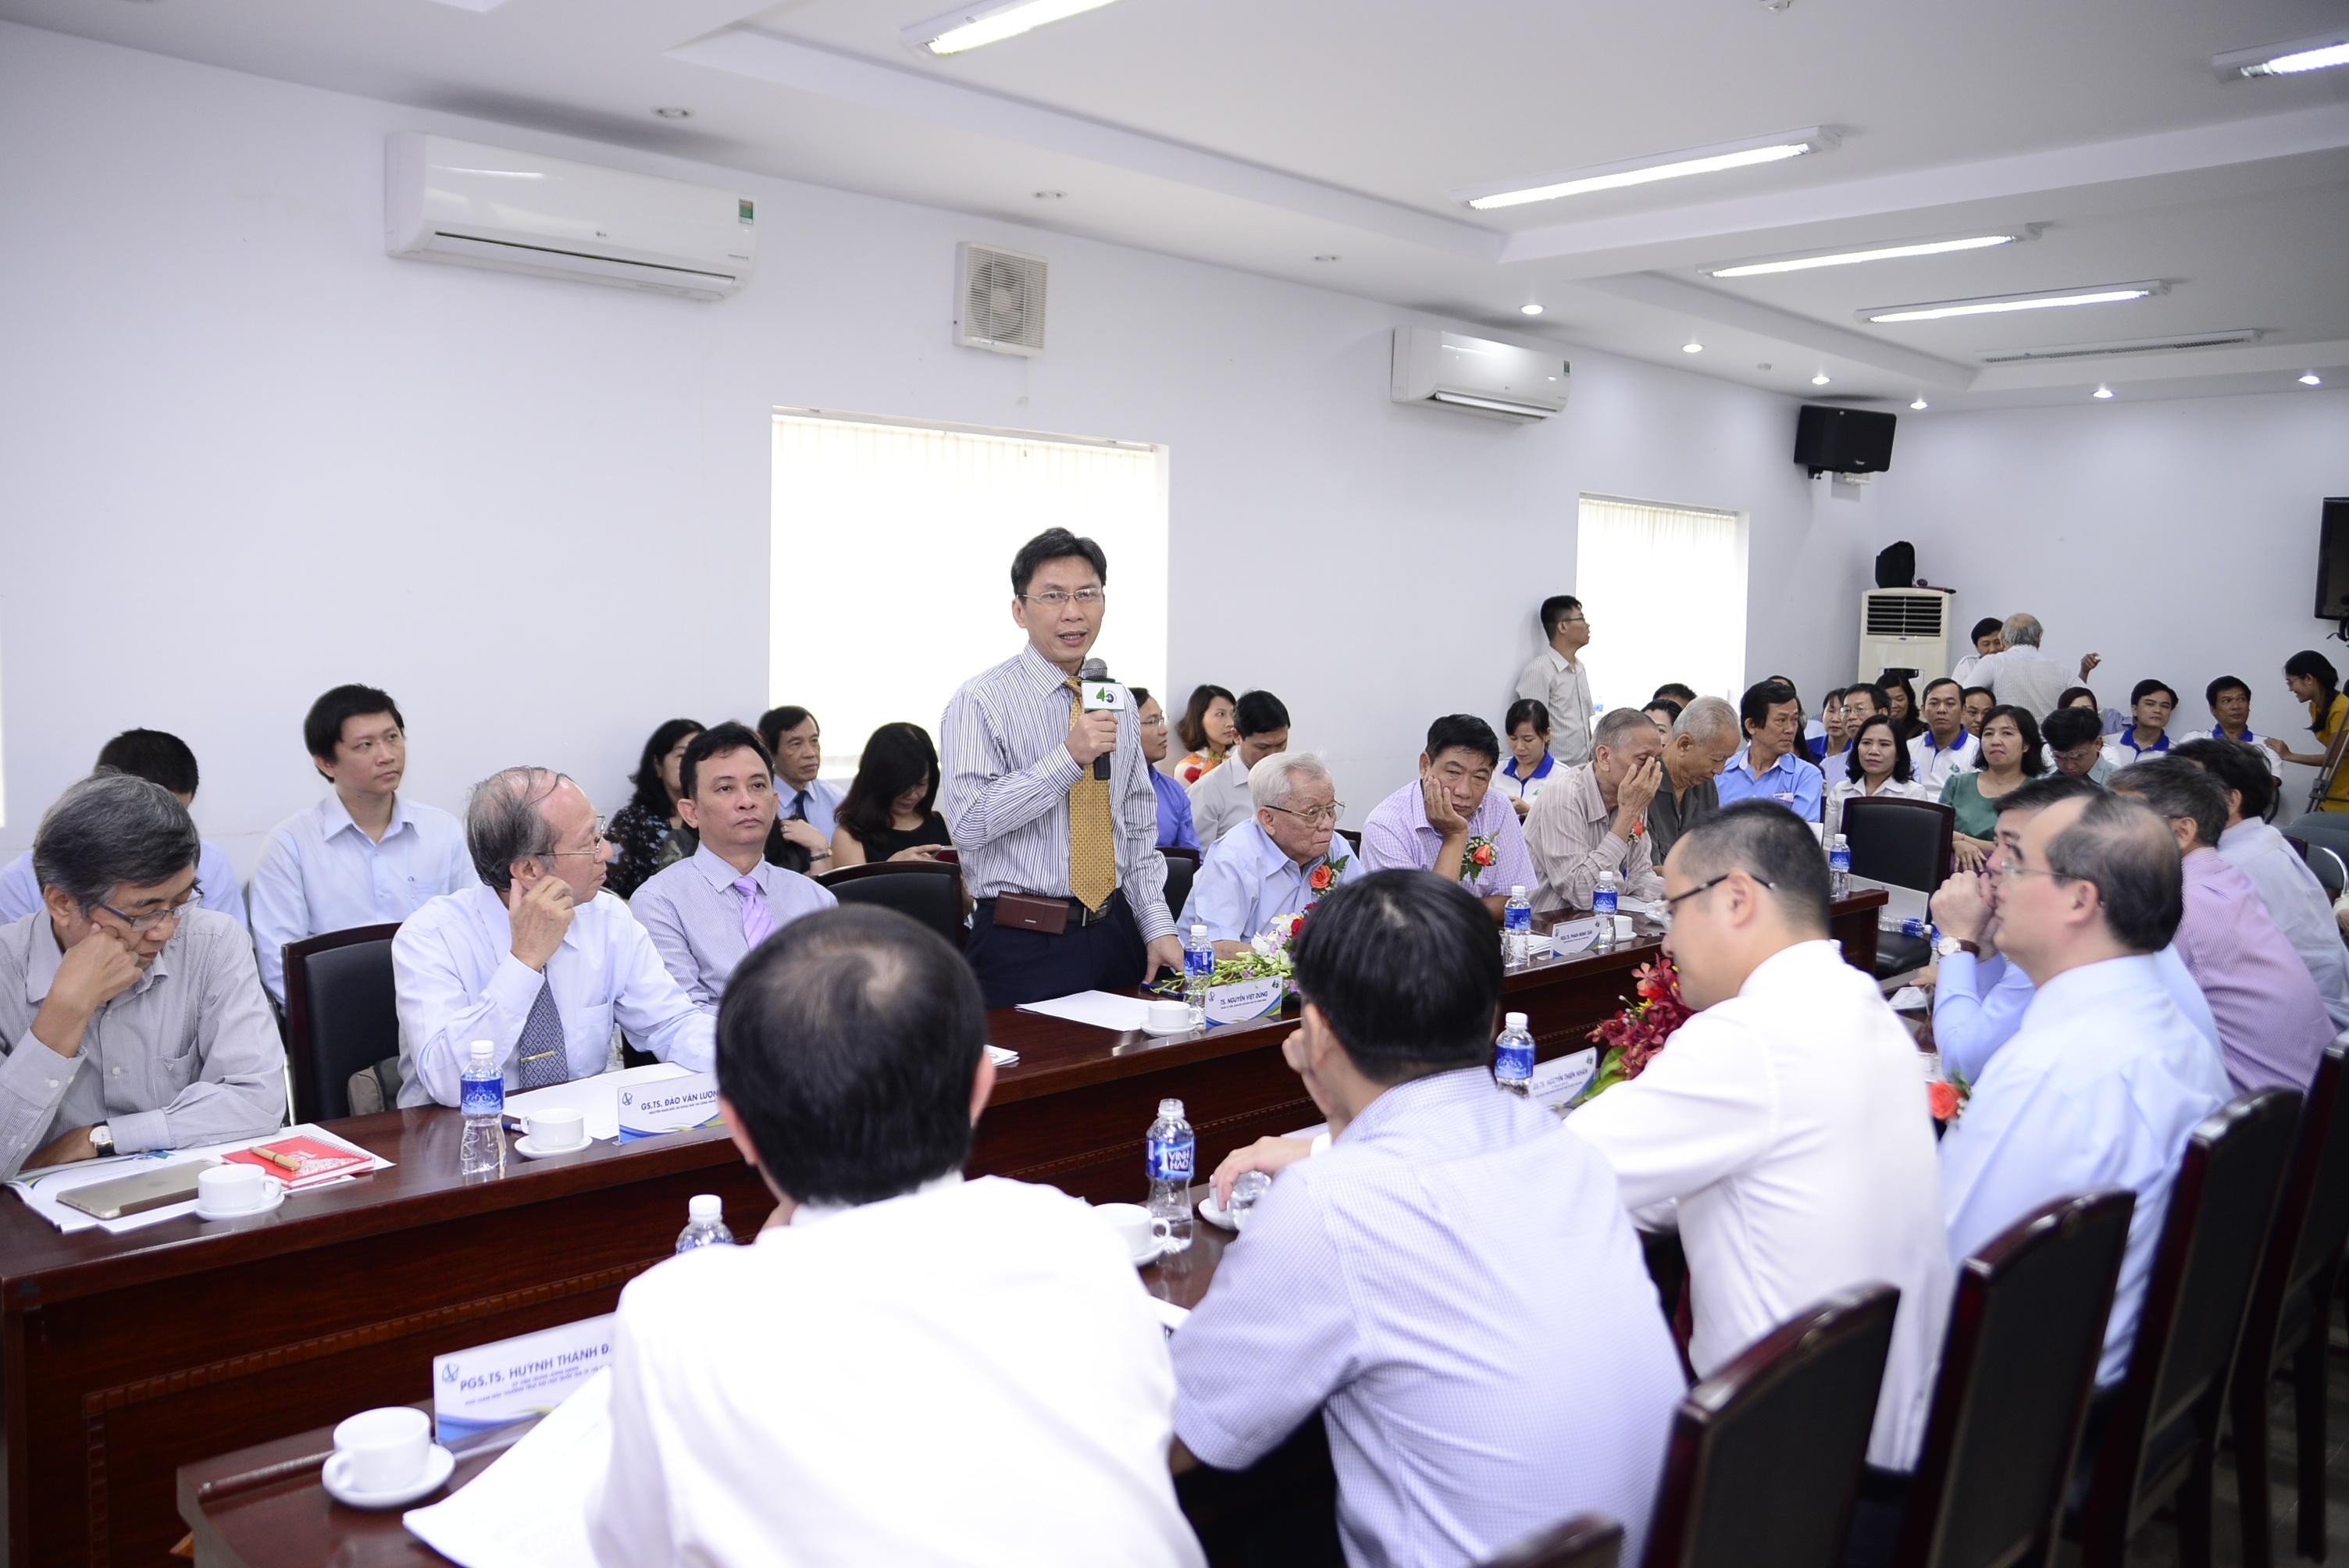 Ông Nguyễn Việt Dũng, Giám đốc Sở Khoa học & Công nghệ TP.HCM